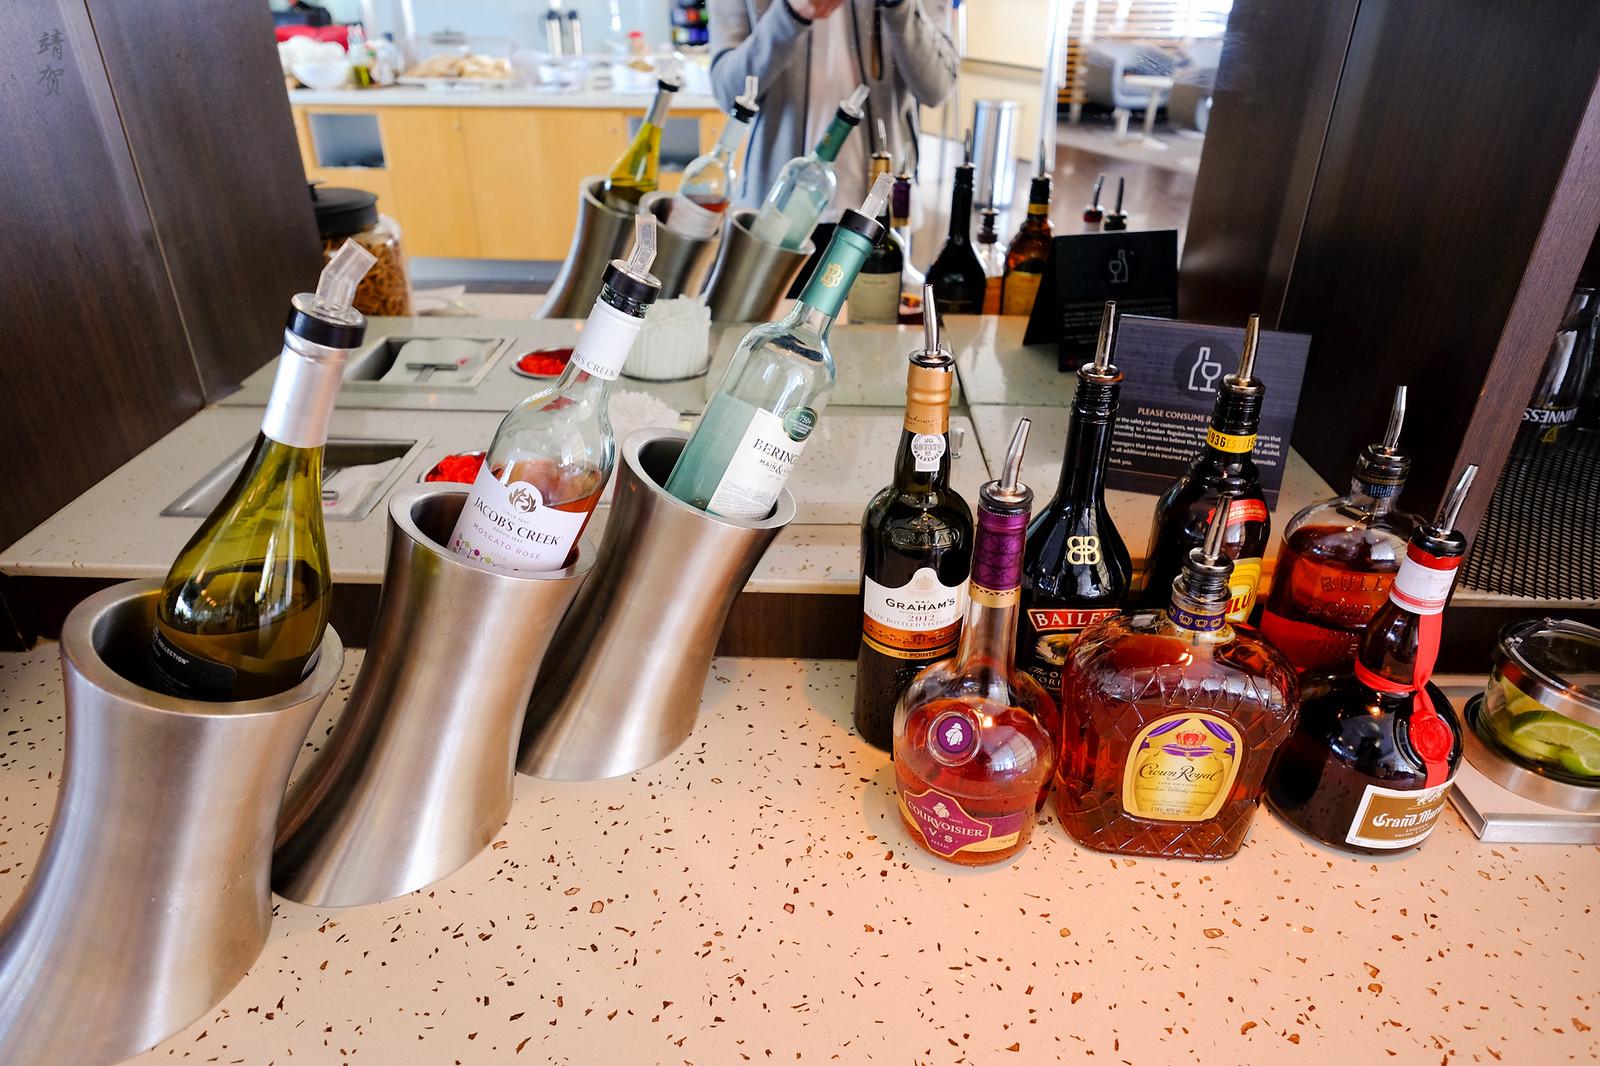 Bar in the buffet